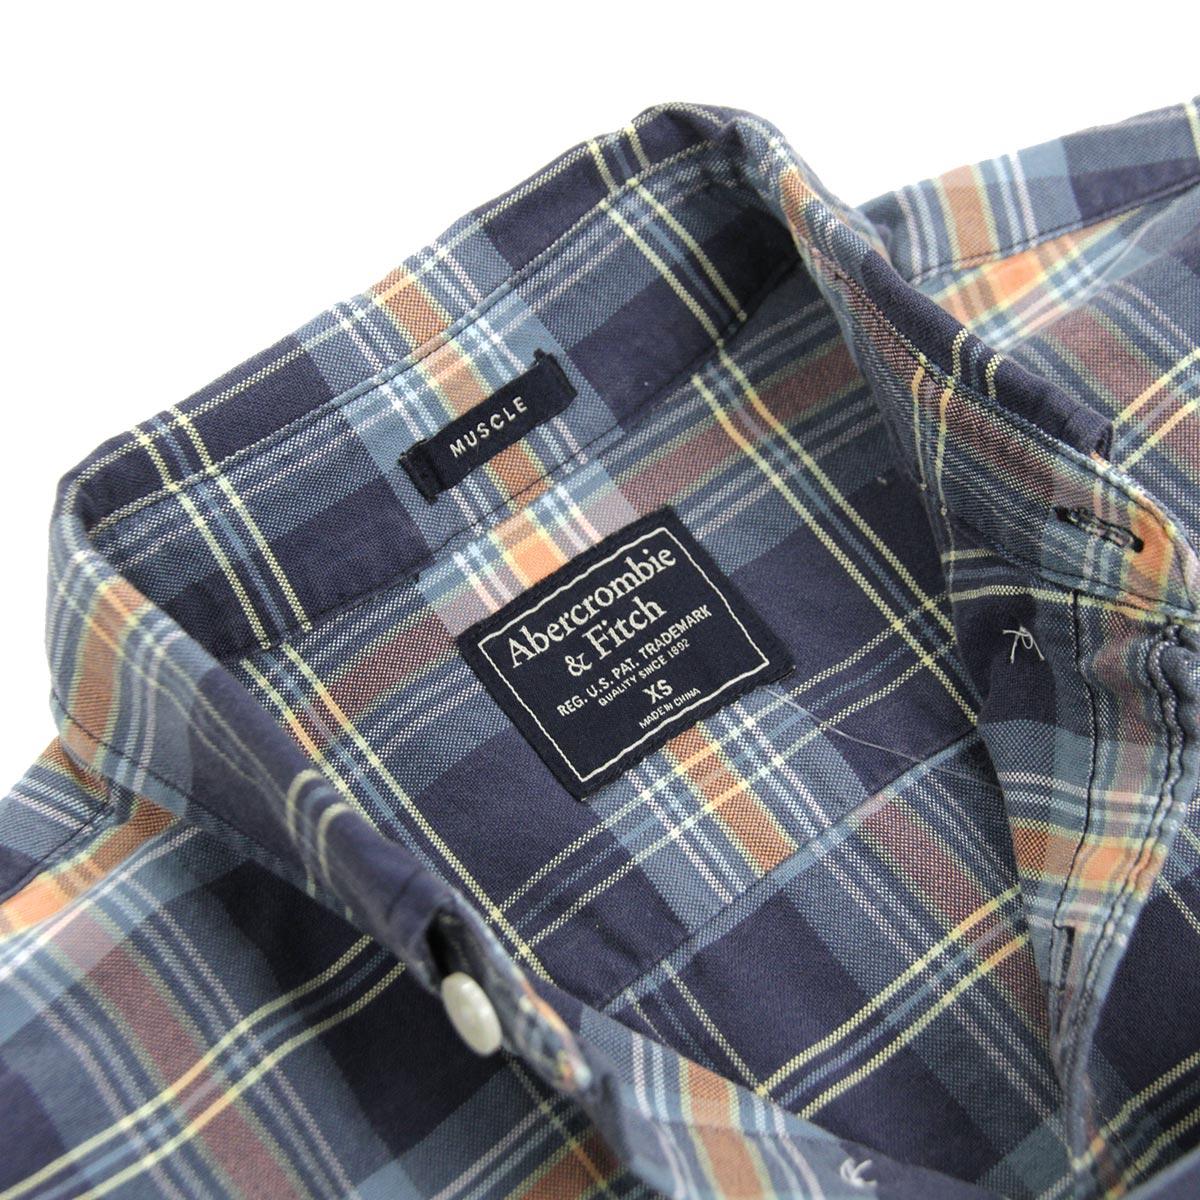 アバクロ Abercrombie&Fitch 正規品 メンズ 長袖シャツ Bleached Plaid Oxford Shirt 125-168-2359-208